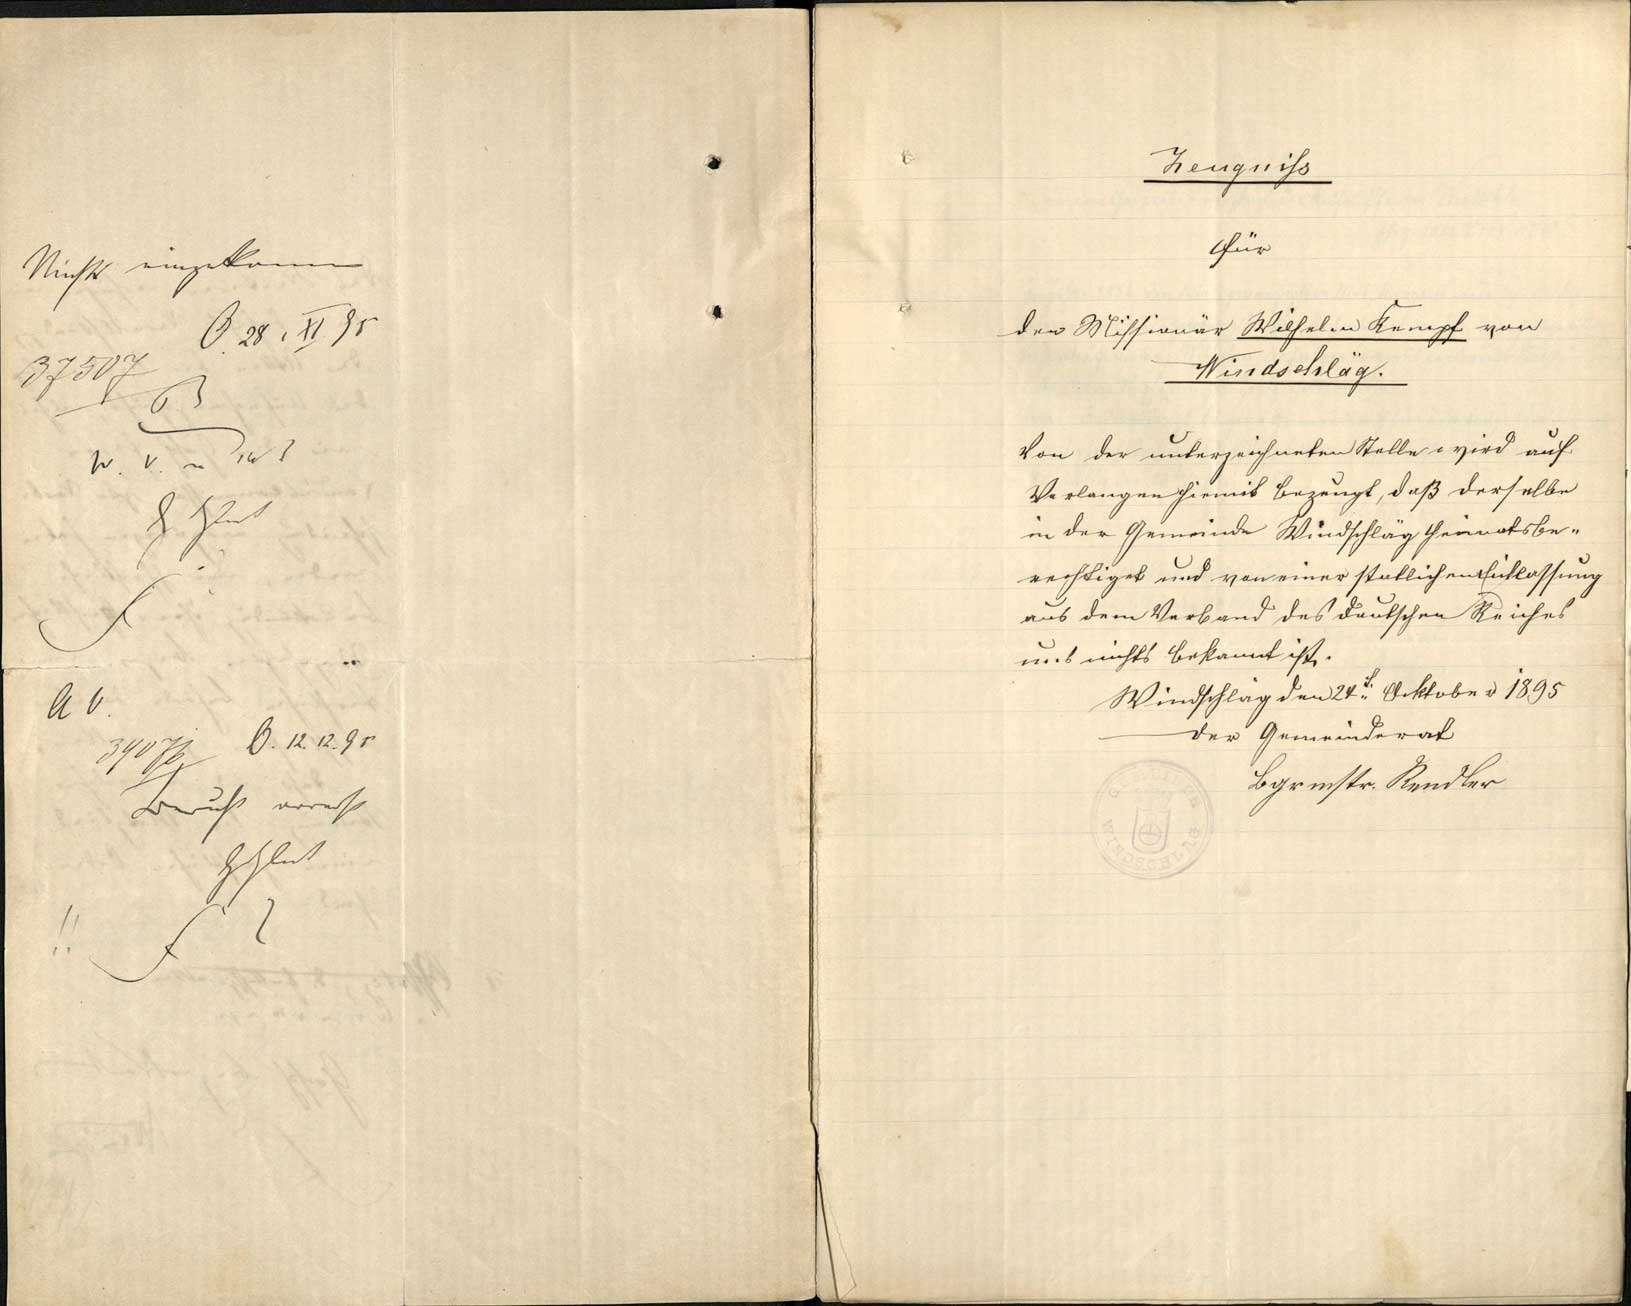 Gesuch des Missionars Wilhelm Kempf um Wiedererhaltung der deutschen Staatsbürgerrechts, Bild 3